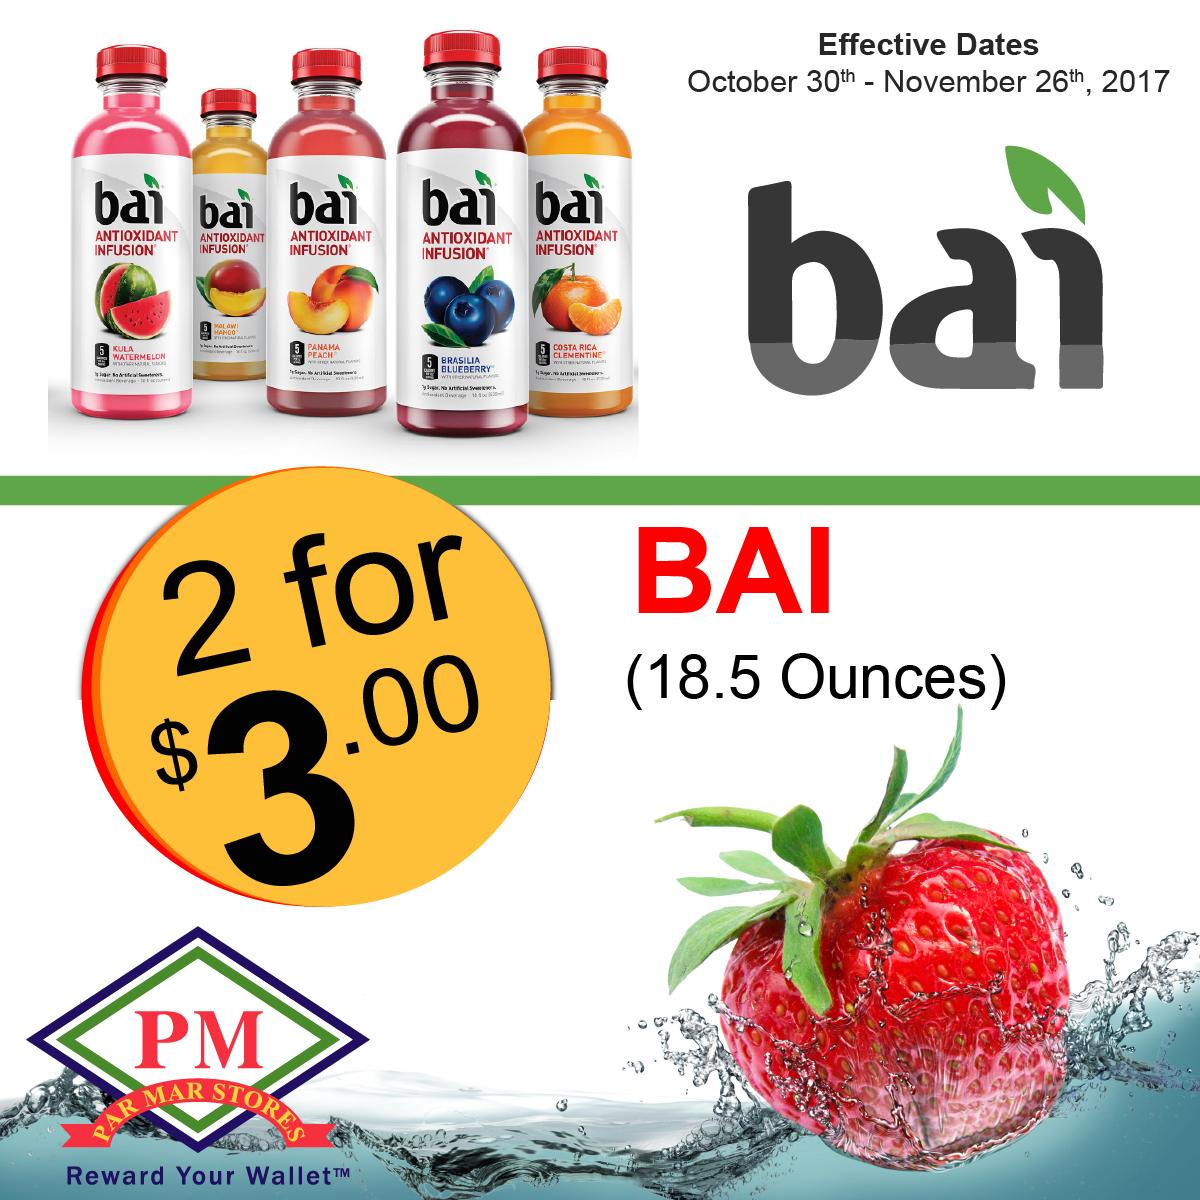 BAI Promo